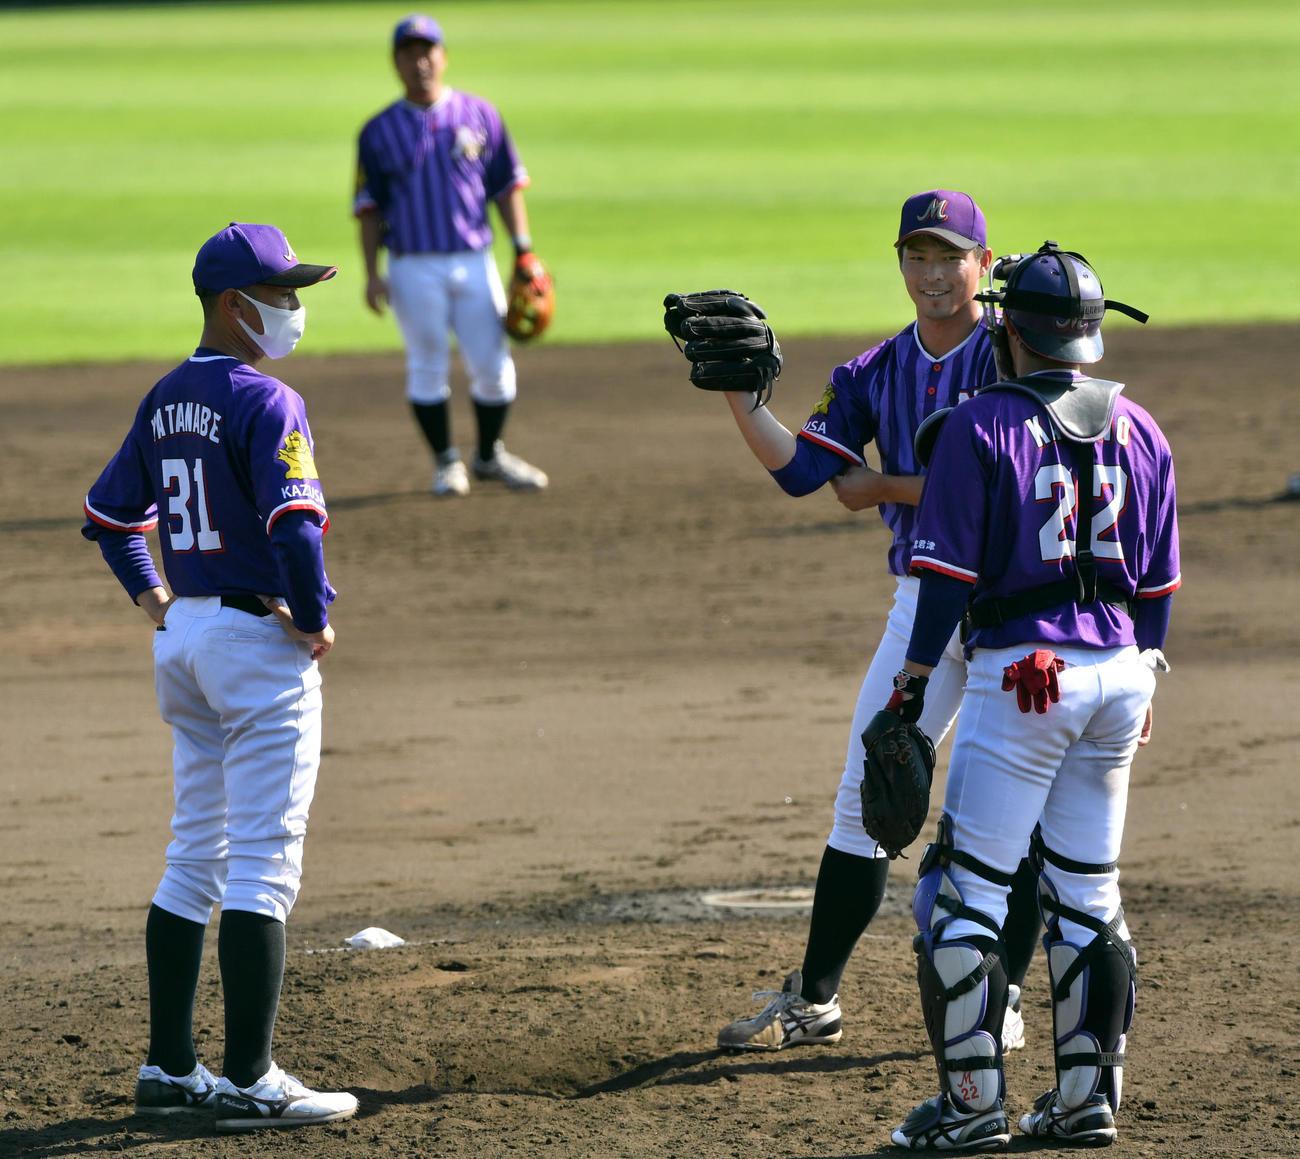 JR東日本対日本製鉄かずさマジック 9回裏にピンチの橘投手(中央)にソーシャルディスタンスを取りアドバイスする渡辺監督(左)(撮影・柴田隆二)